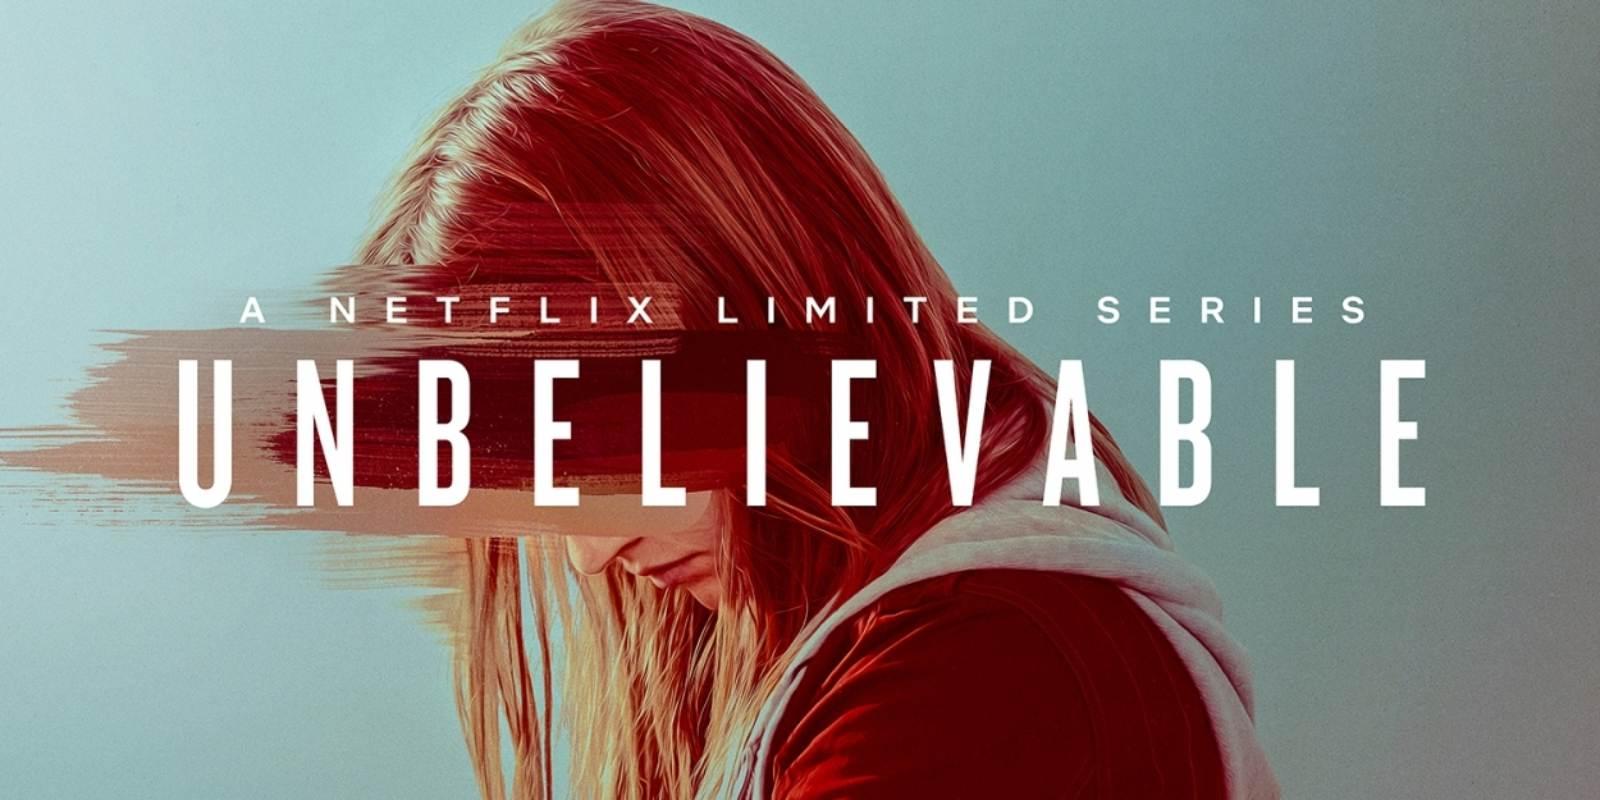 Unbelievable su Netflix è una nuova miniserie drammatica americana. Quando una giovane donna viene accusata di mentire su uno stupro, due investigatrici indagano su un'ondata di aggressioni misteriosamente simili. Da una storia vera